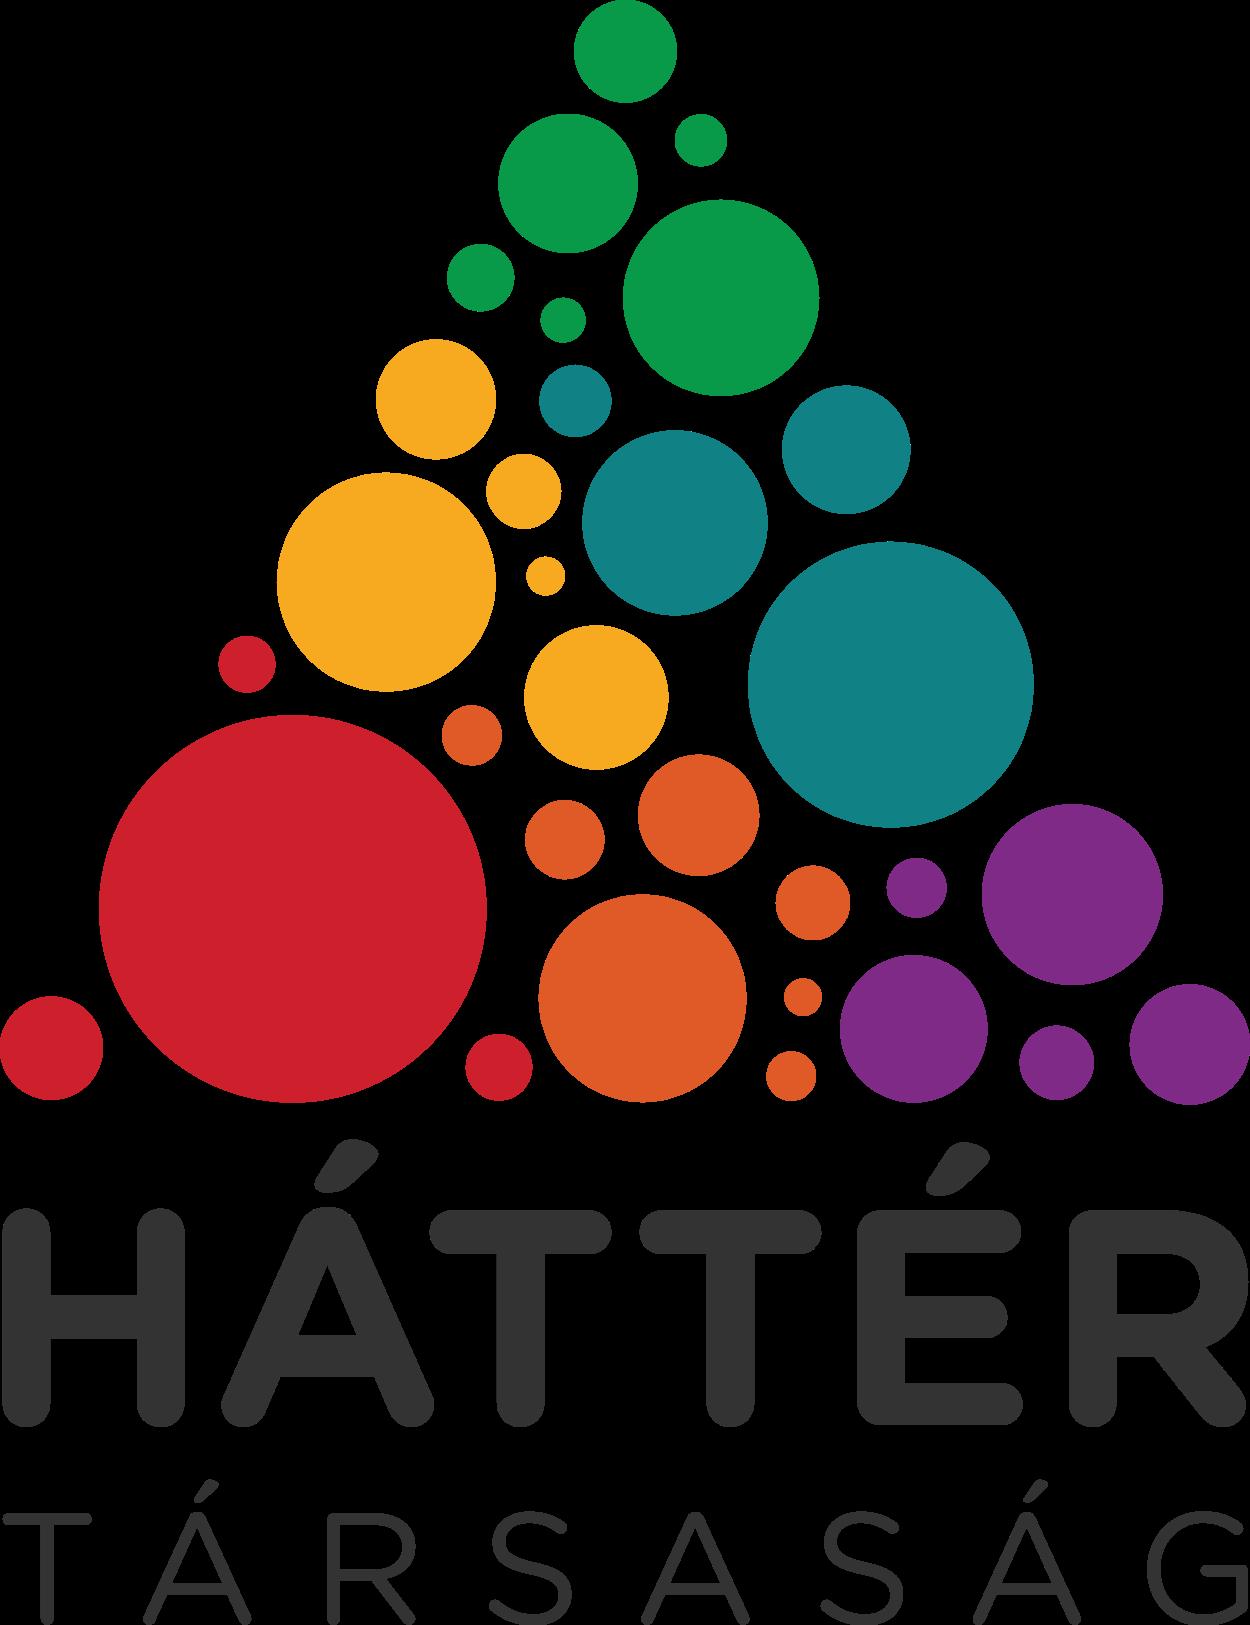 hatter-logo-2018